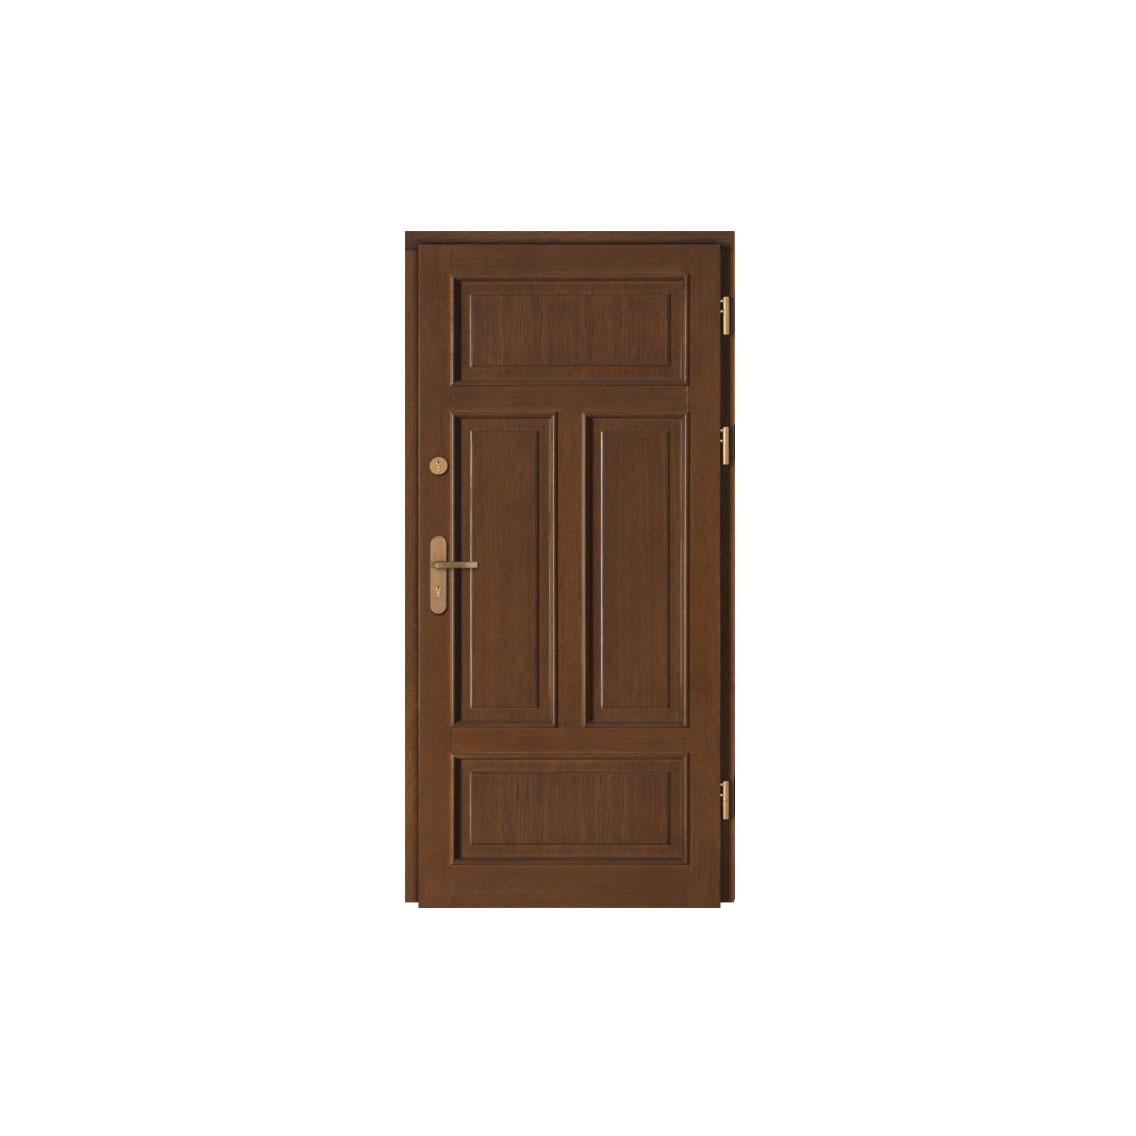 Wooden door WD-16